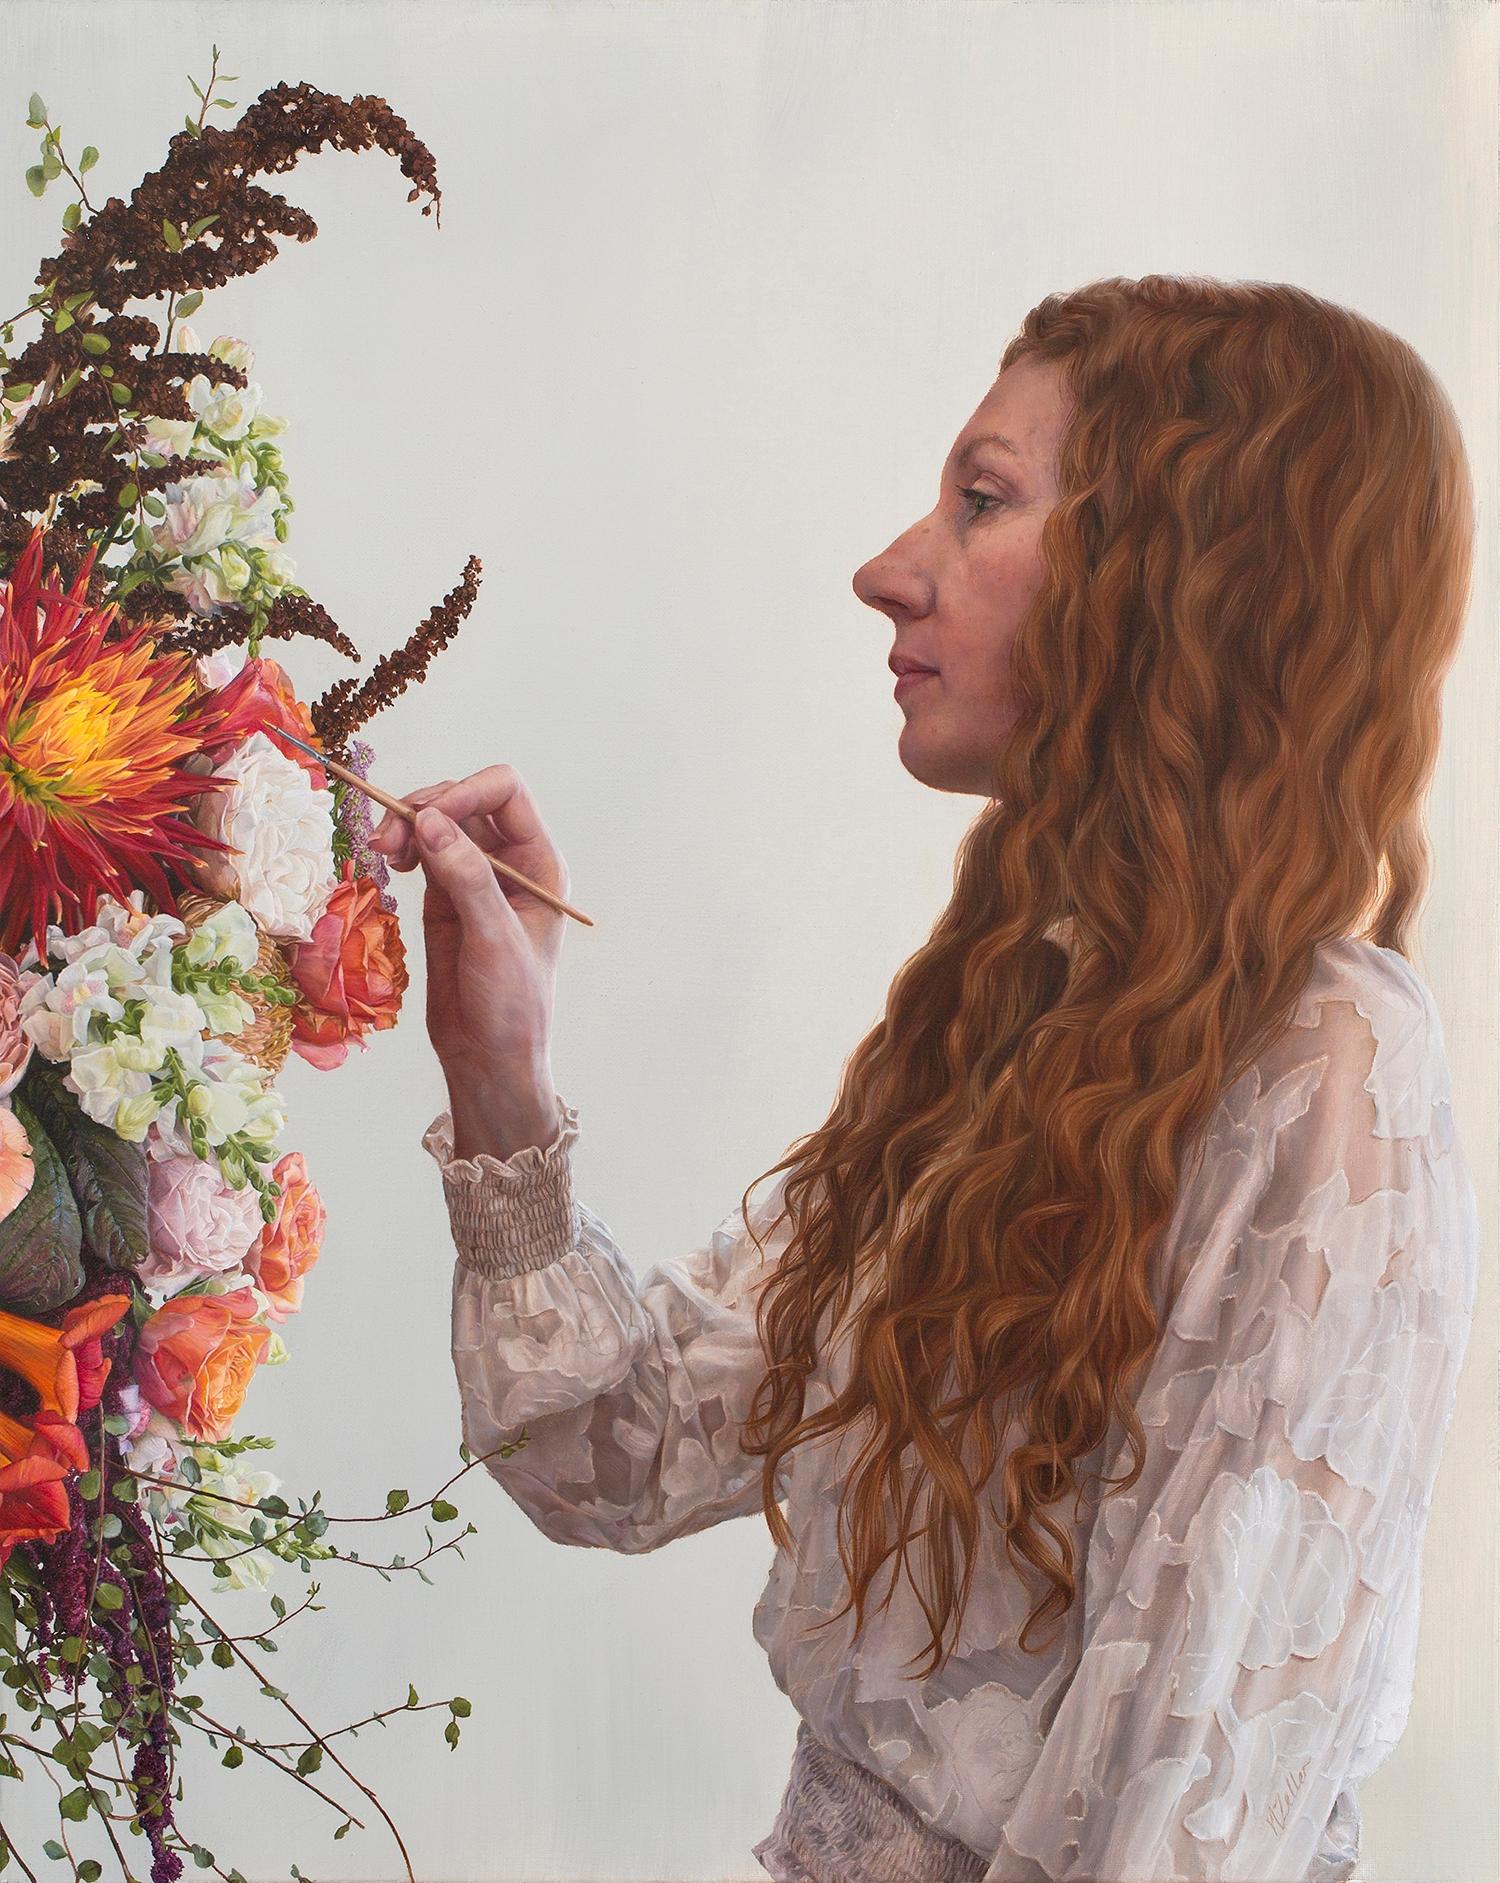 Portrait Painting Flowers', 20  - narellezeller | ello